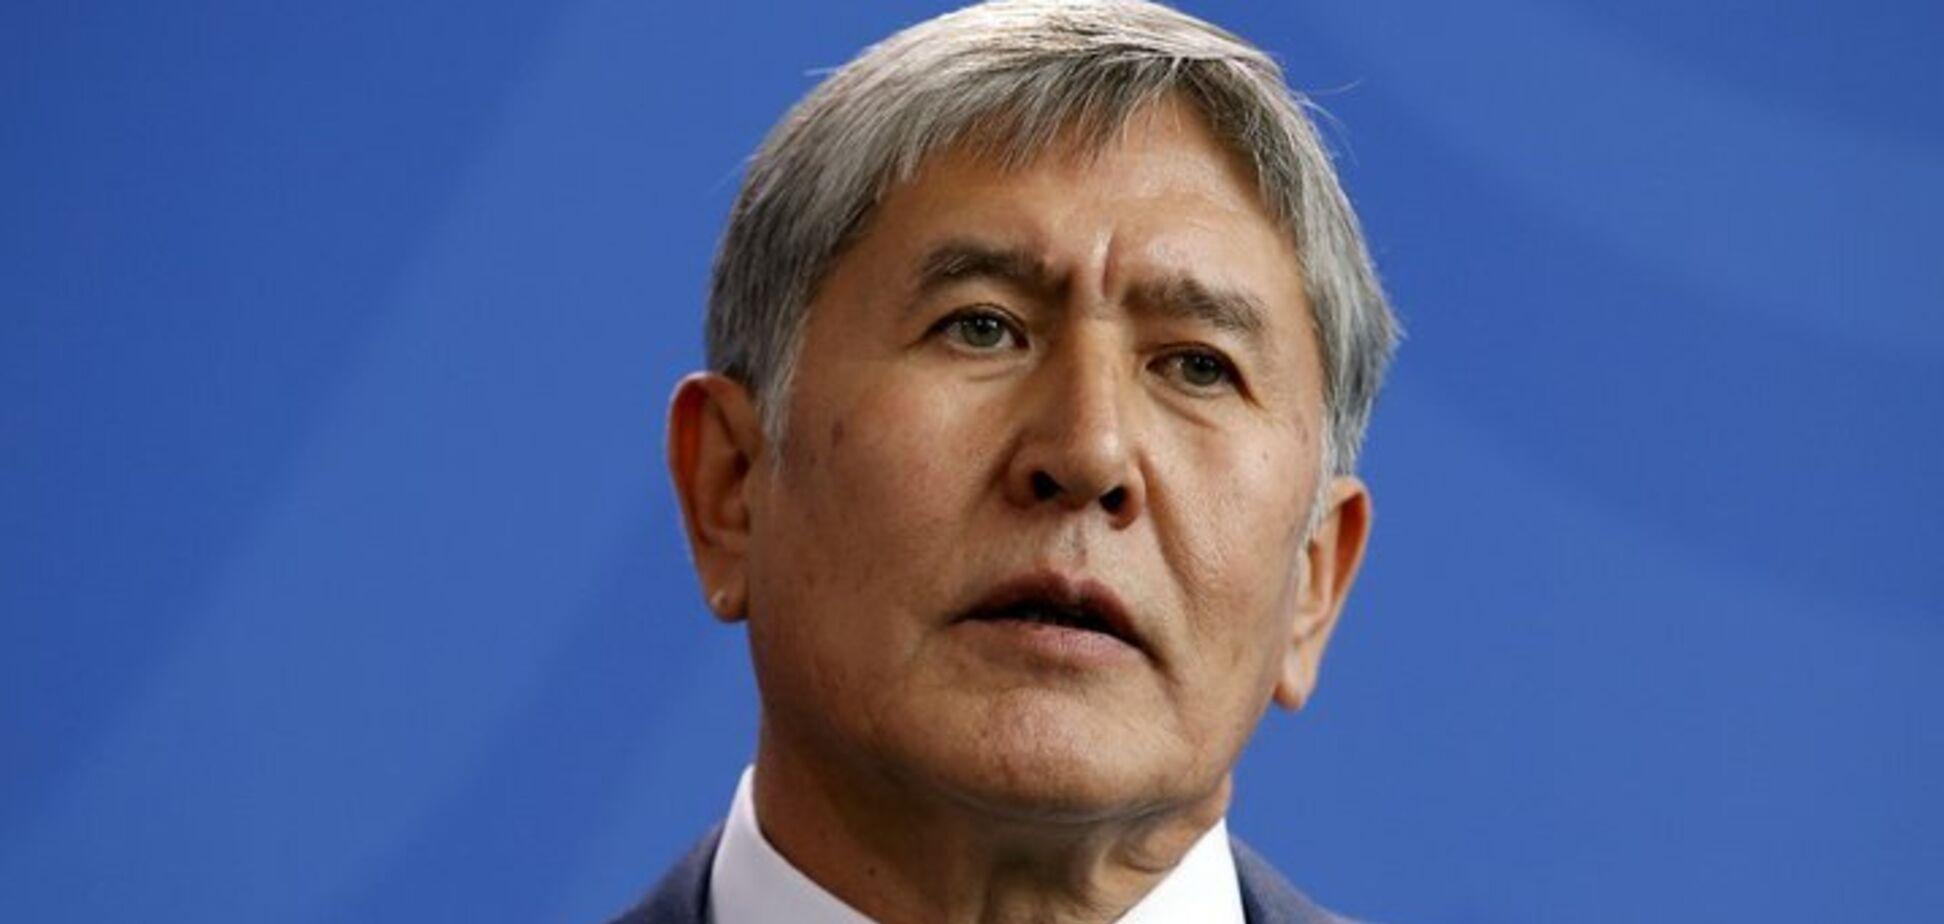 'Я лично стрелял!' Экс-президент Киргизии сделал скандальное заявление